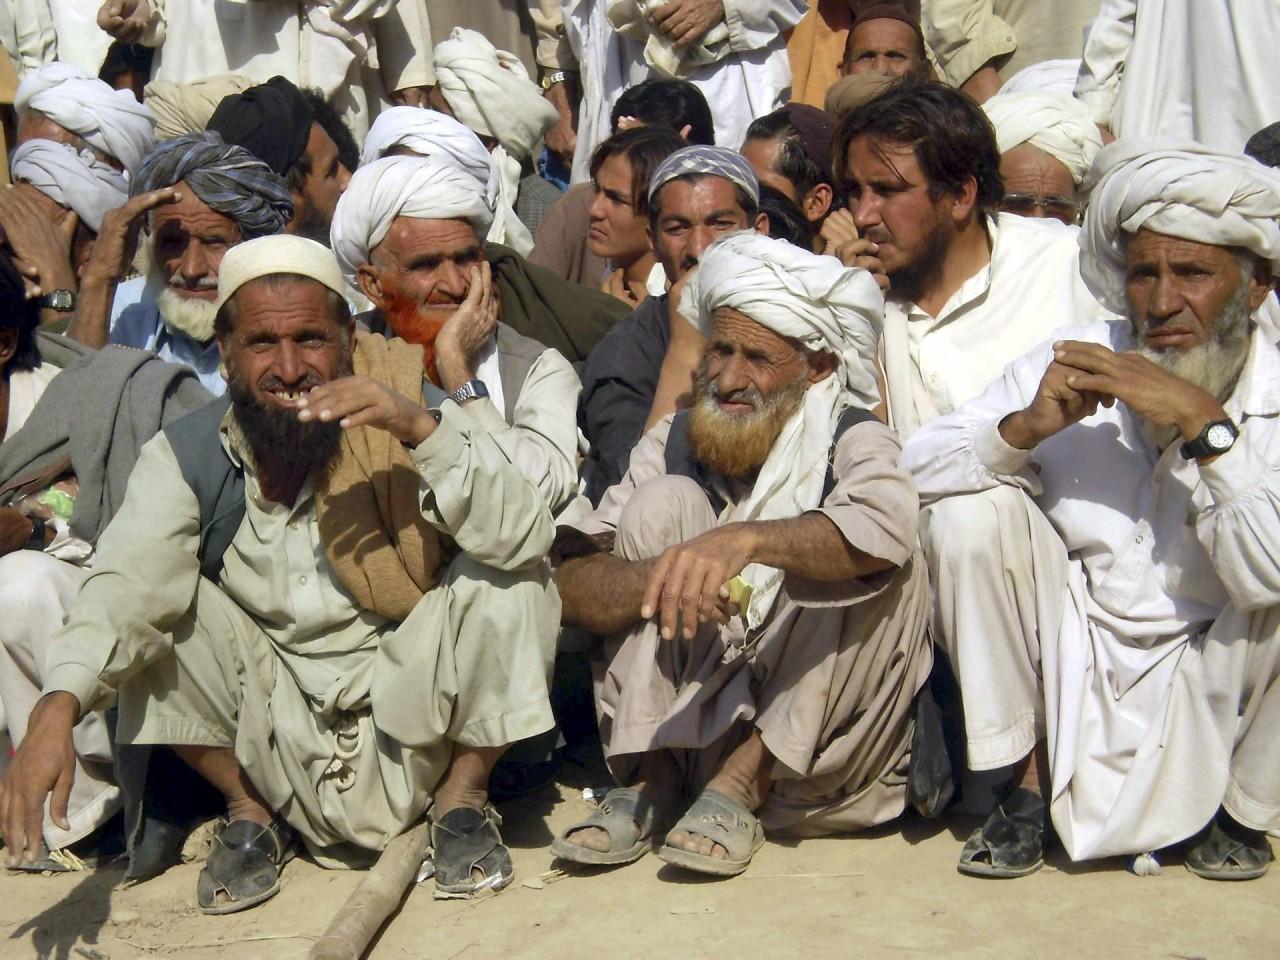 расскажем, национальность афганец фото пошел туда, чтобы